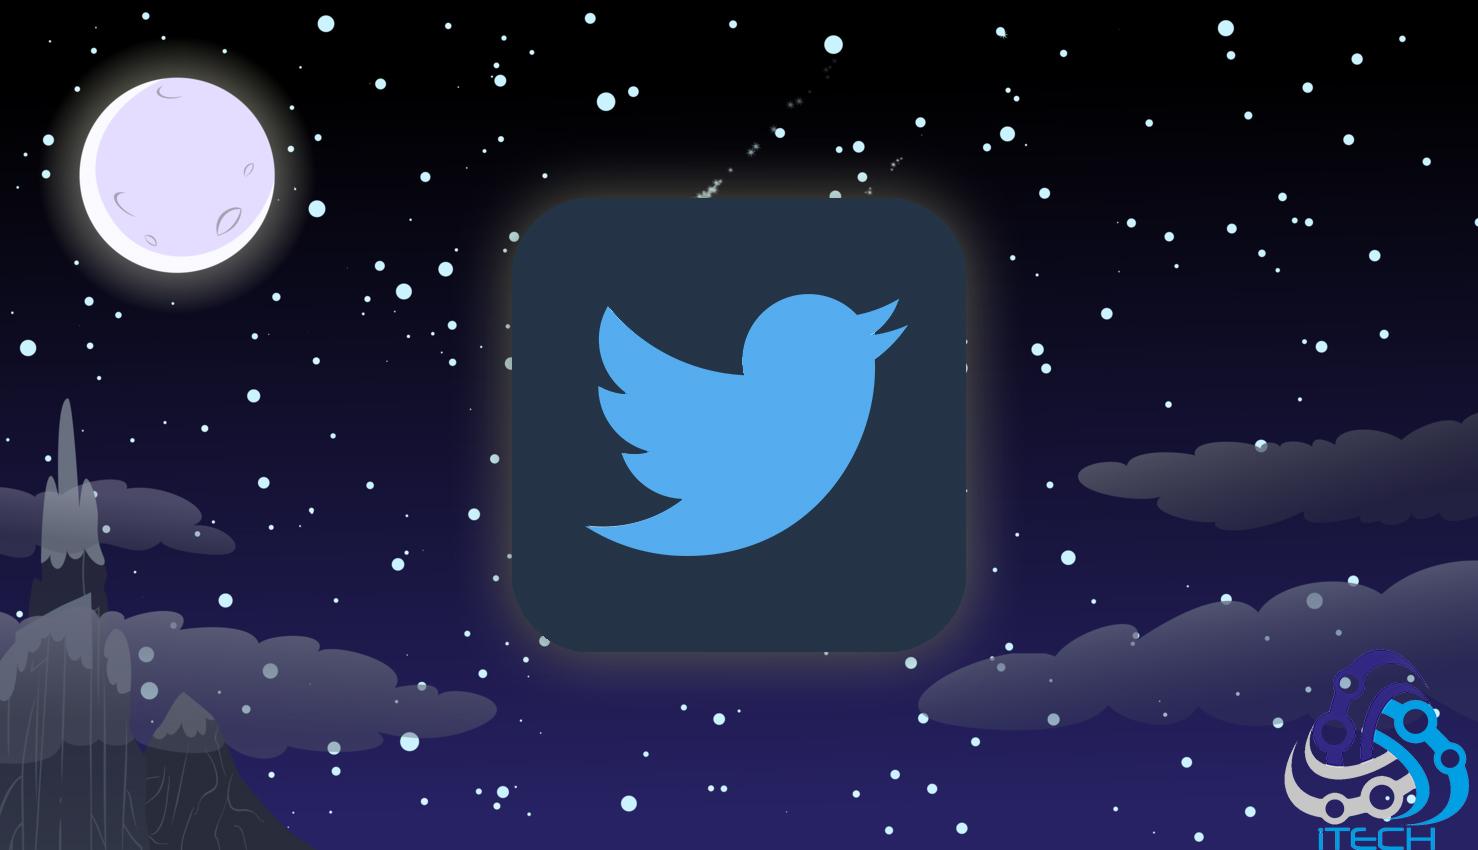 الوضع الليلة متوفر الان لجميع مستخدمي تويتر على الايفون والايباد والاندرويد